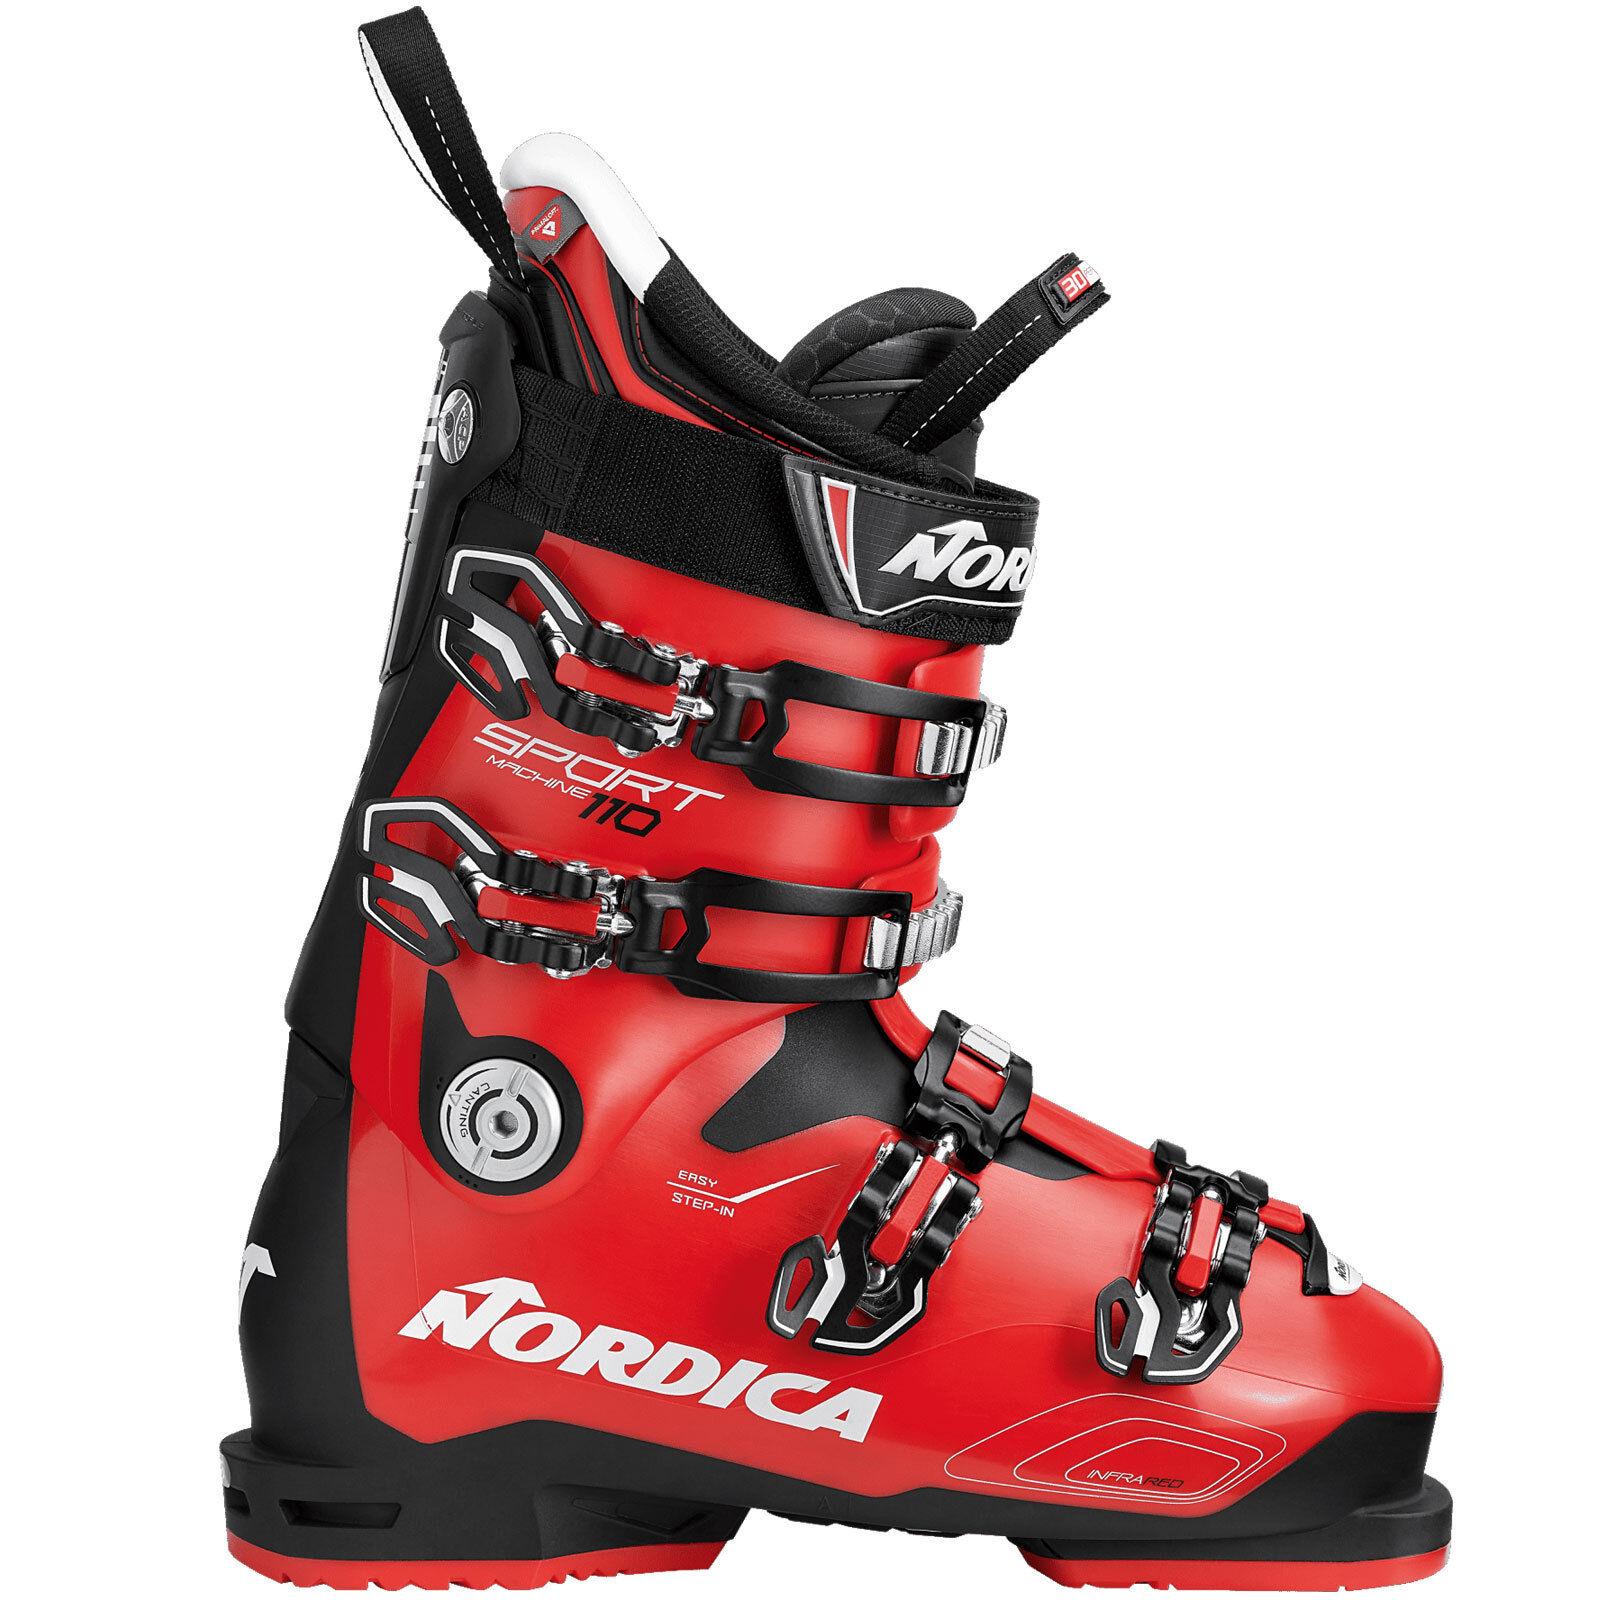 Nordica Sportmachine 110 Herren-Skistiefel Ski-Schuhe Stiefel Alpin Skischuhe